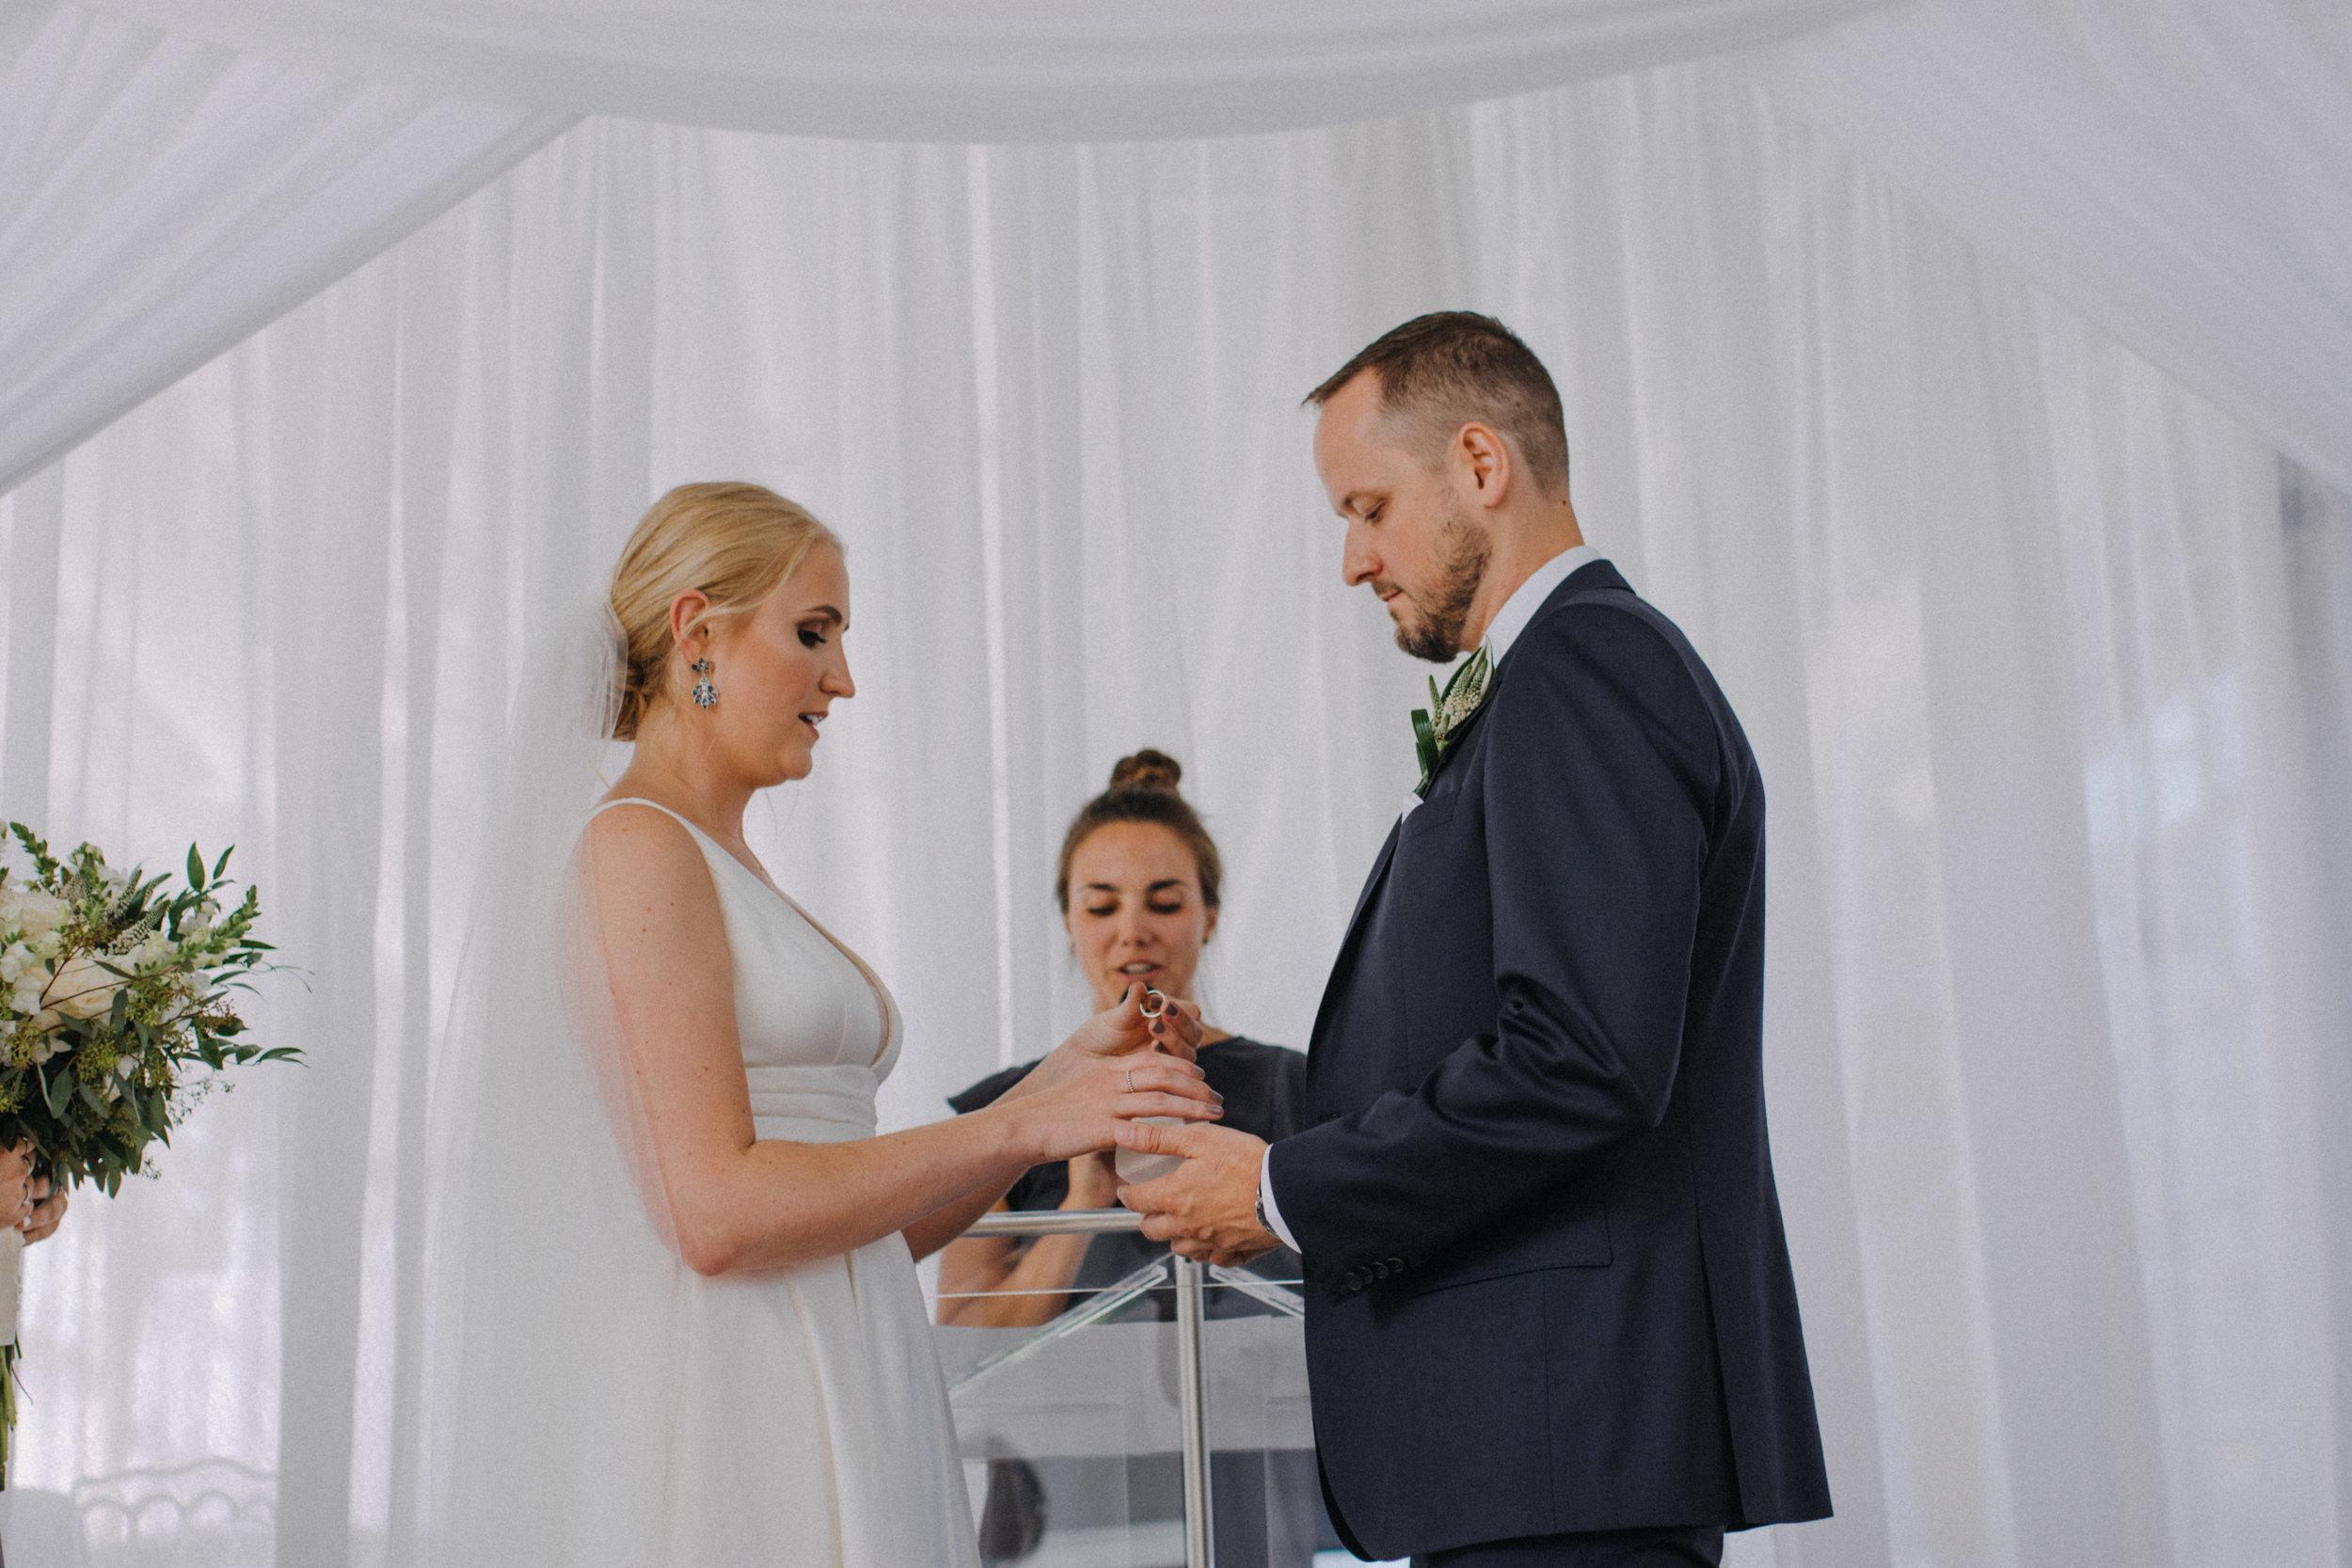 photographe_gatineau_mariage_ottawa_photographer_wedding_natasha_liard_photo_documentary_candid_lifestyle  (12).jpg